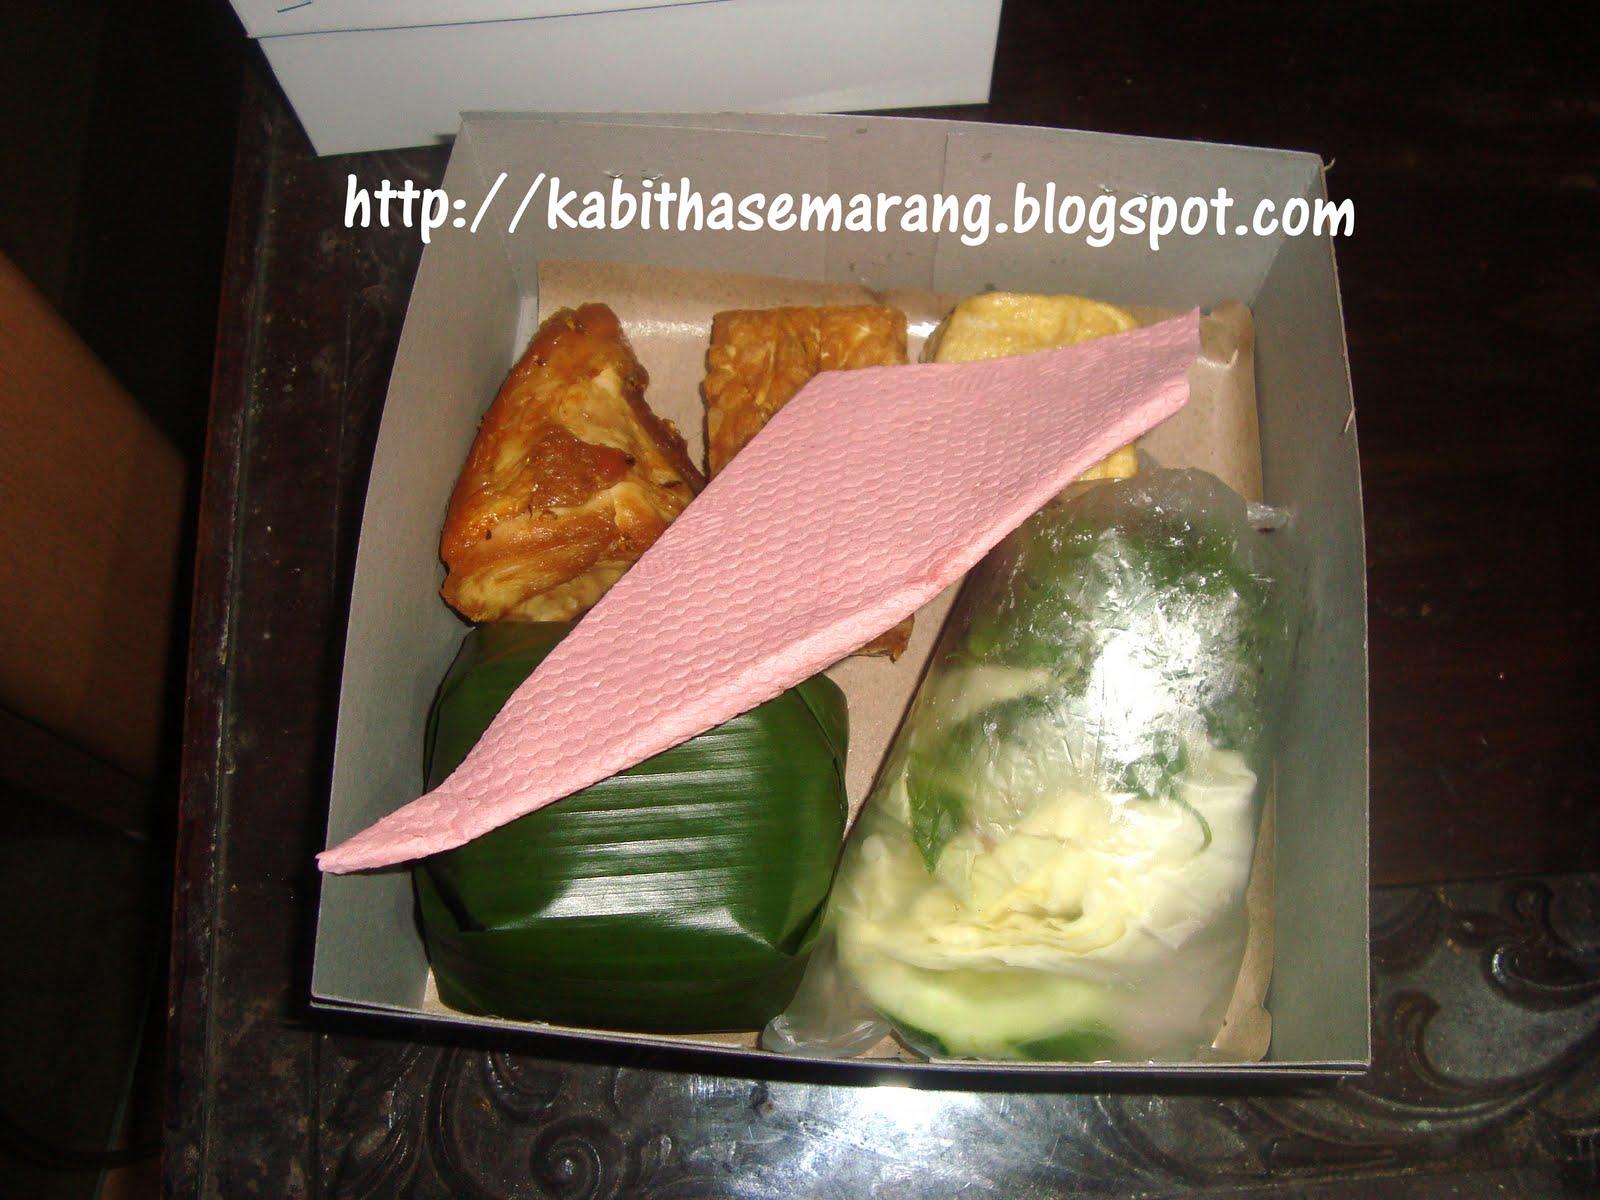 Bertepatan dengan awal tahun 2011 tepatnya tanggal 2 januari, kabitha